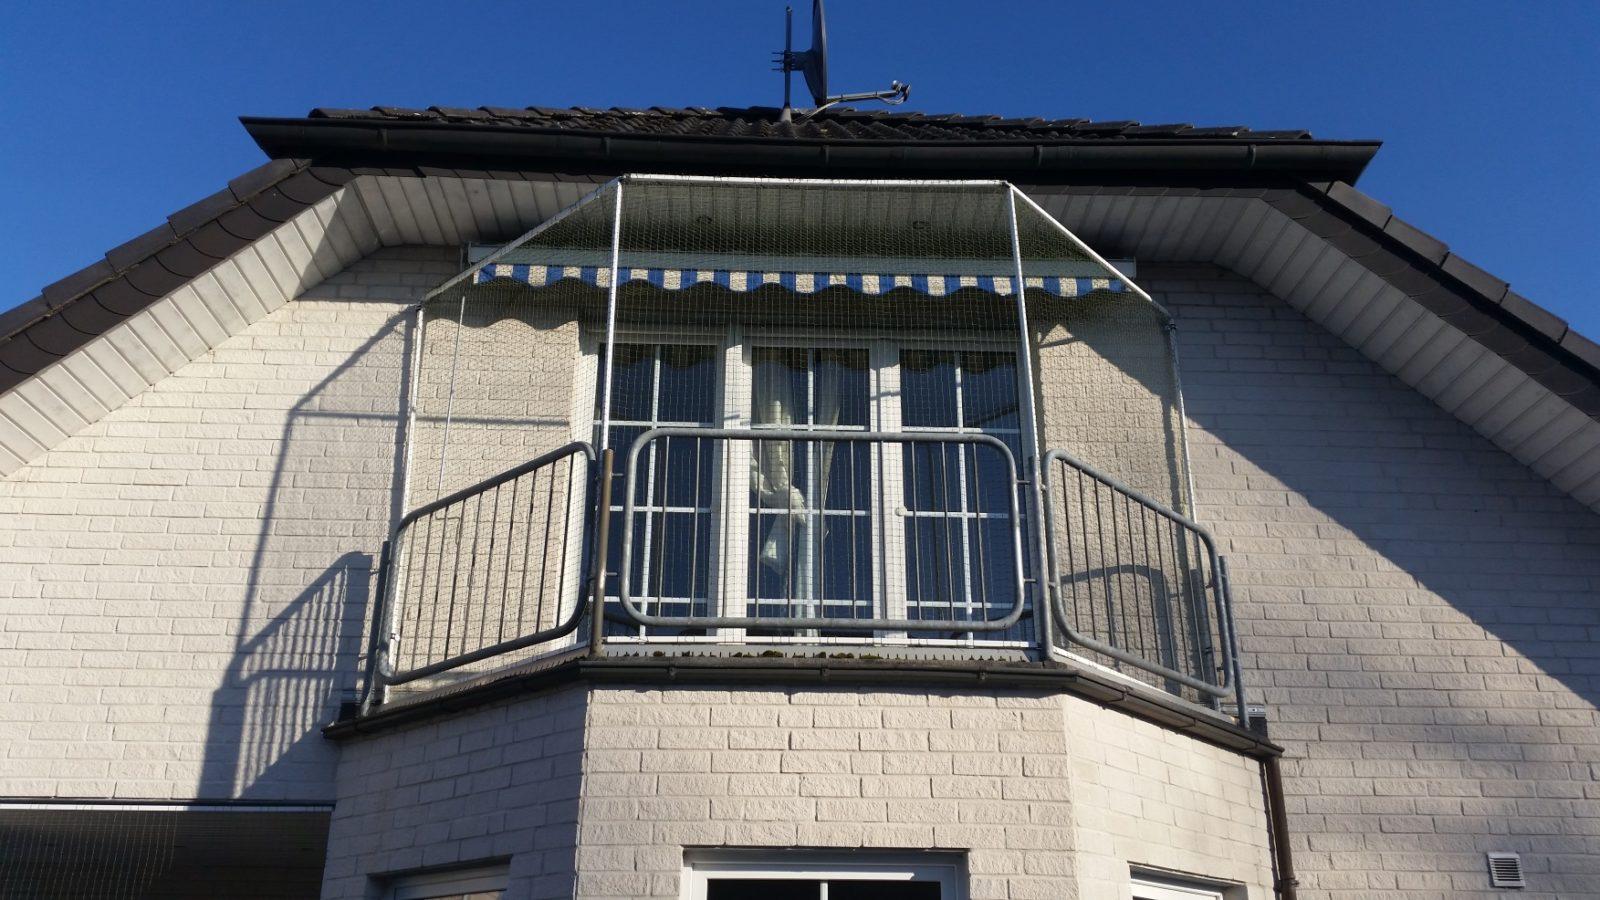 Balkon oben offen mit Katzennetz